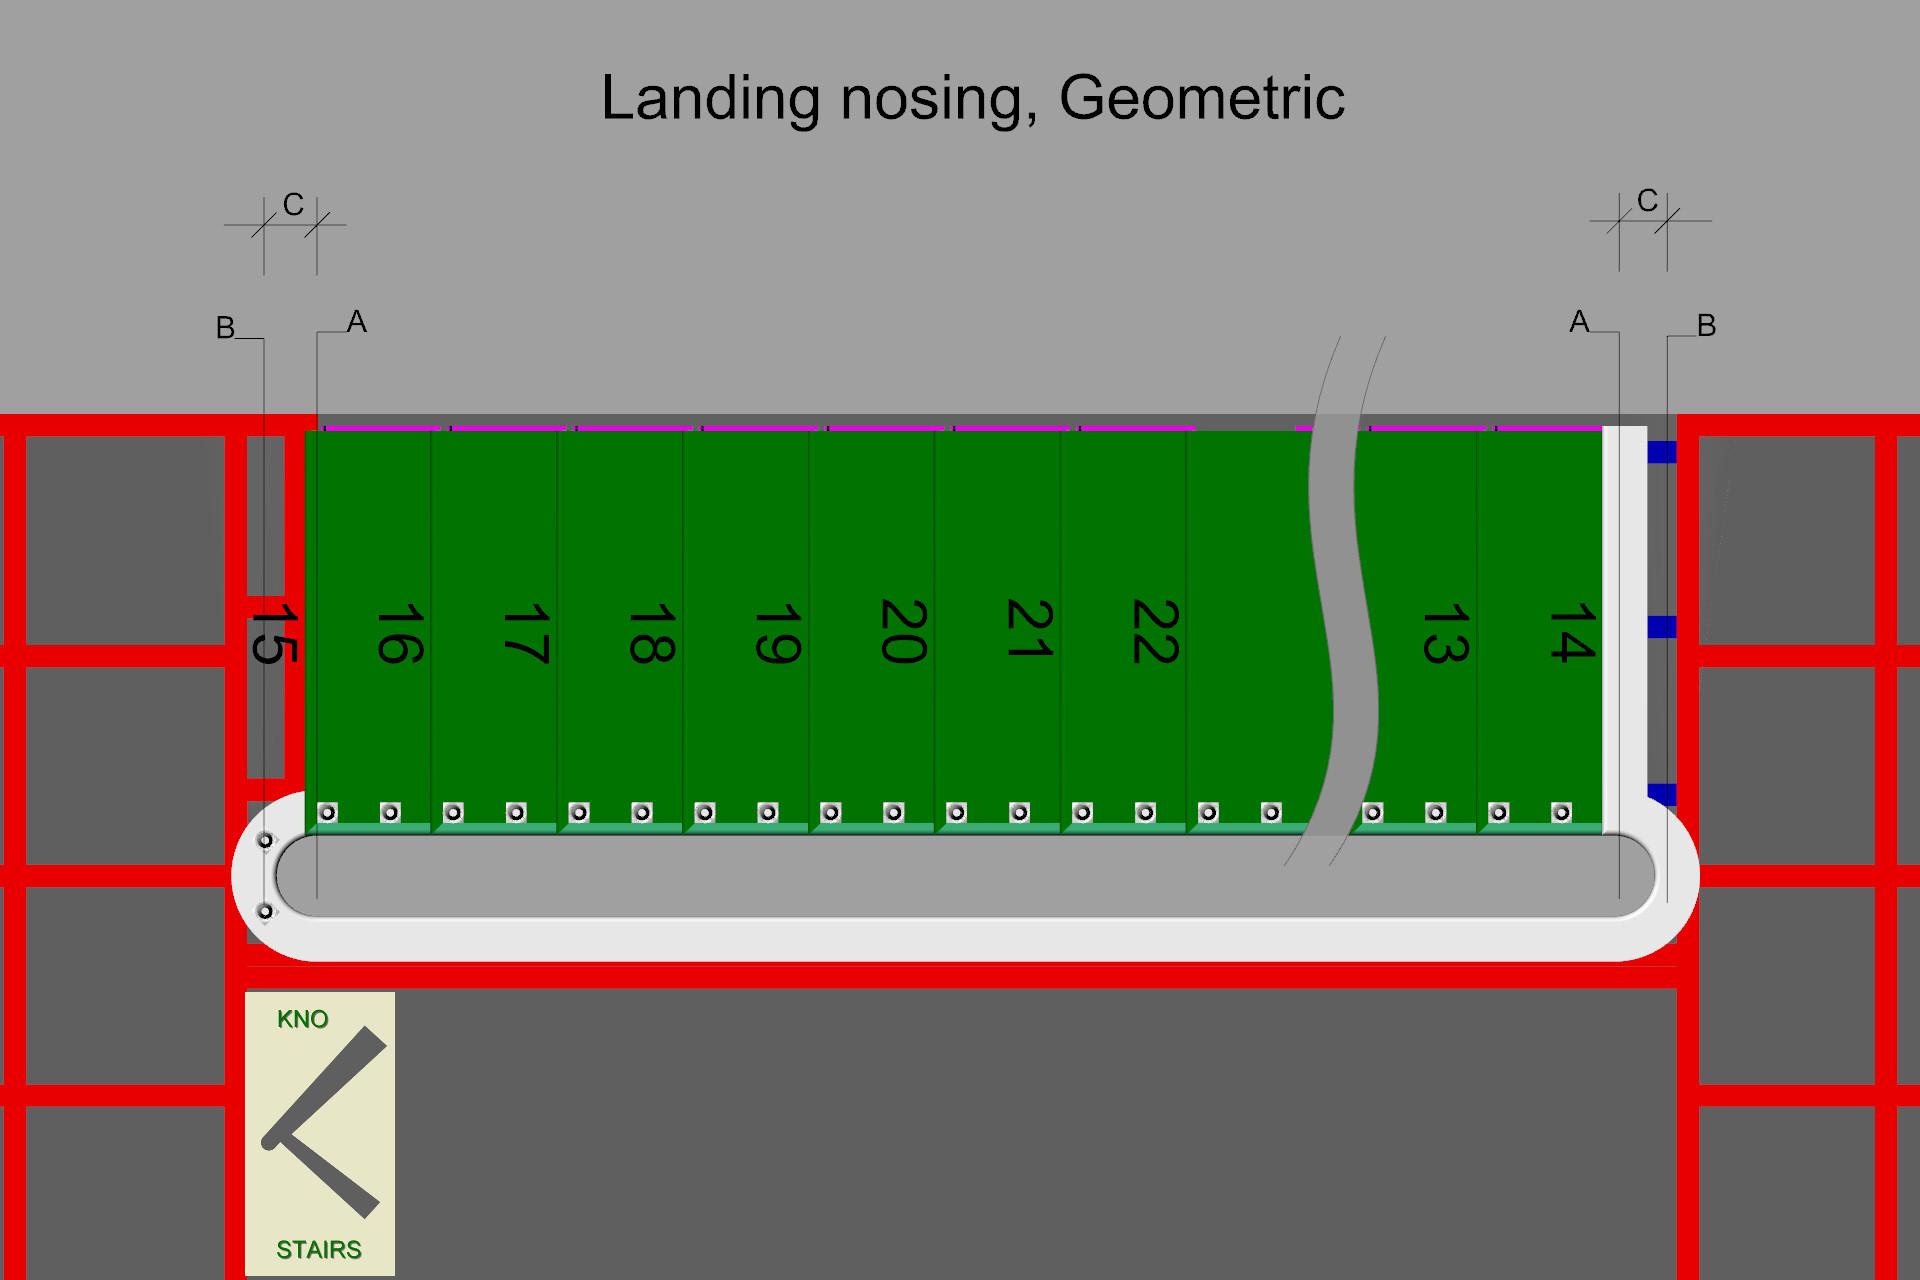 Geometric landing nosing.